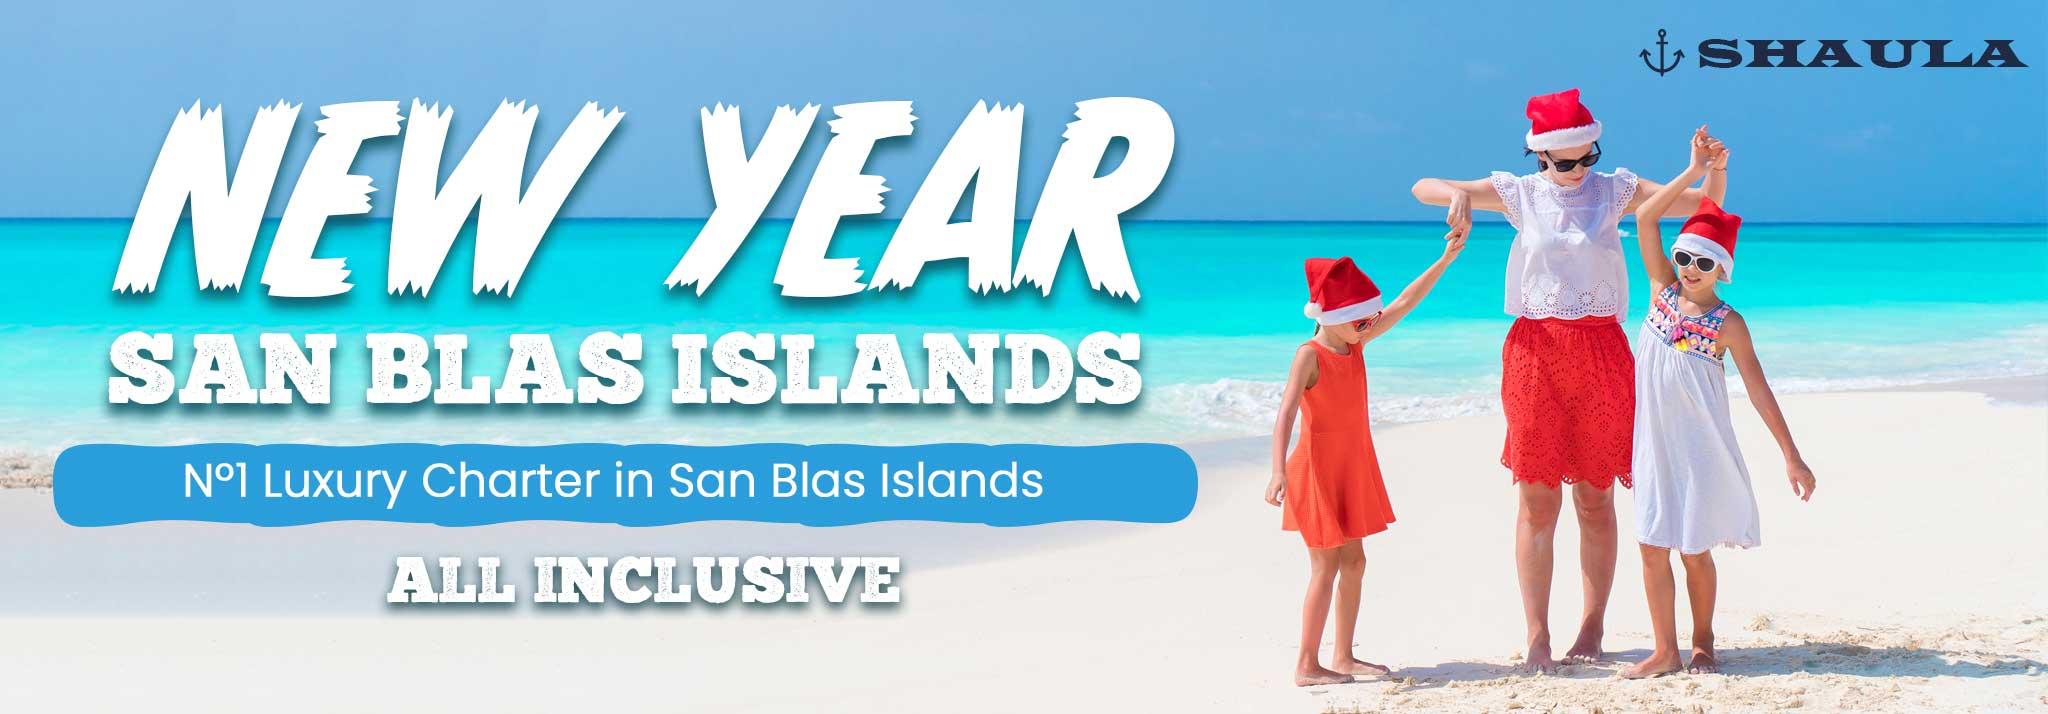 New Year San Blas Islands